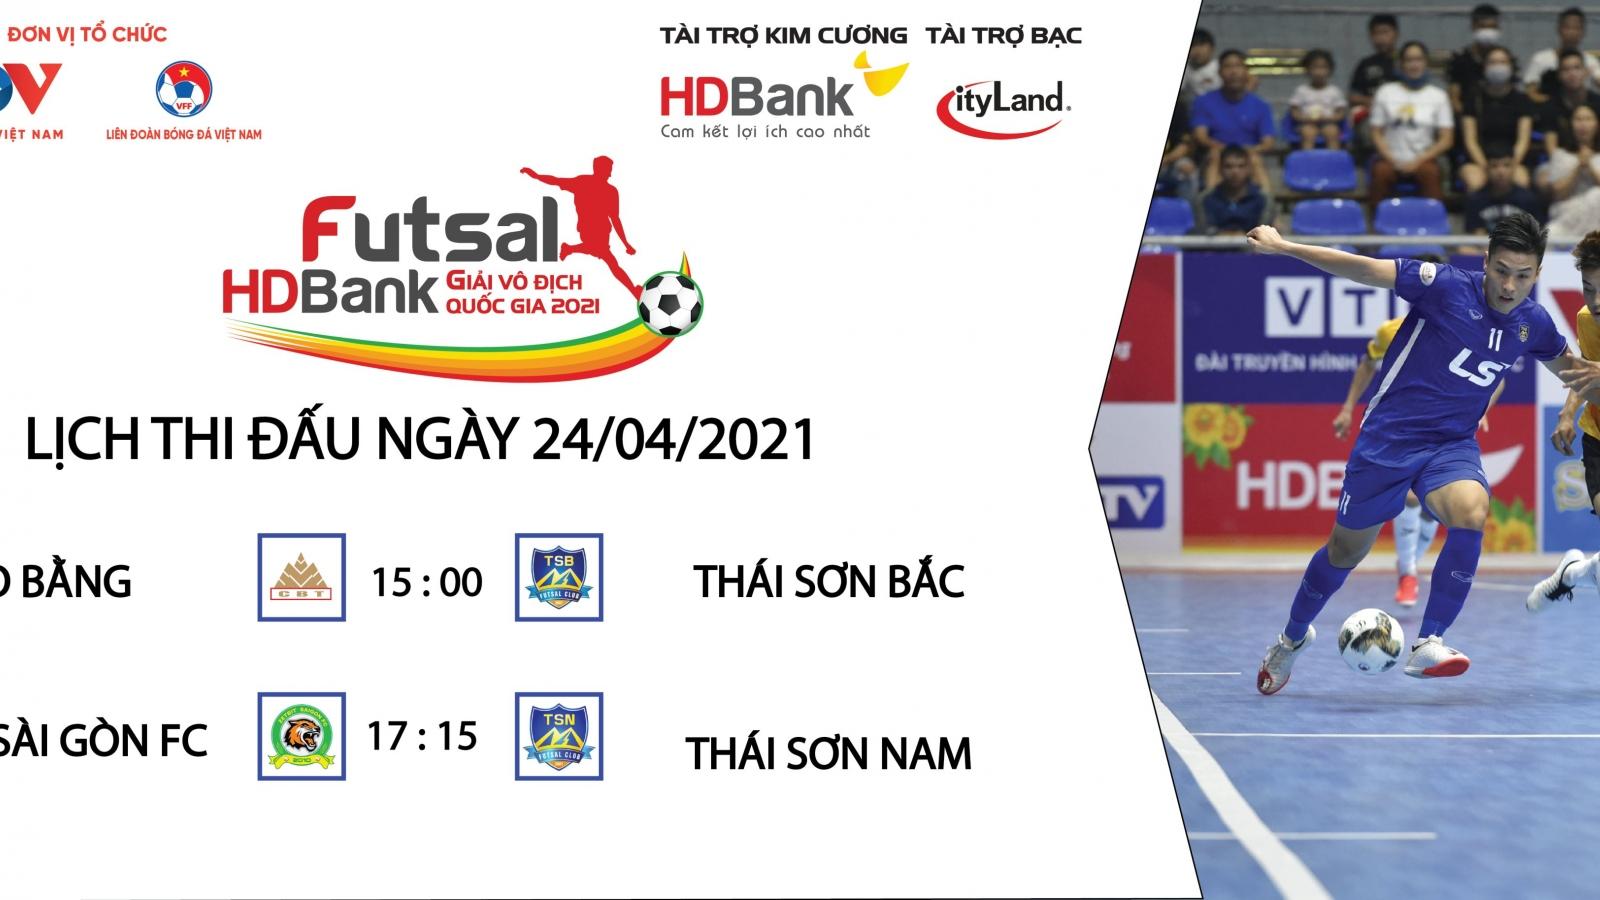 Lịch thi đấu Giải Futsal HDBank VĐQG 2021 hôm nay 24/4